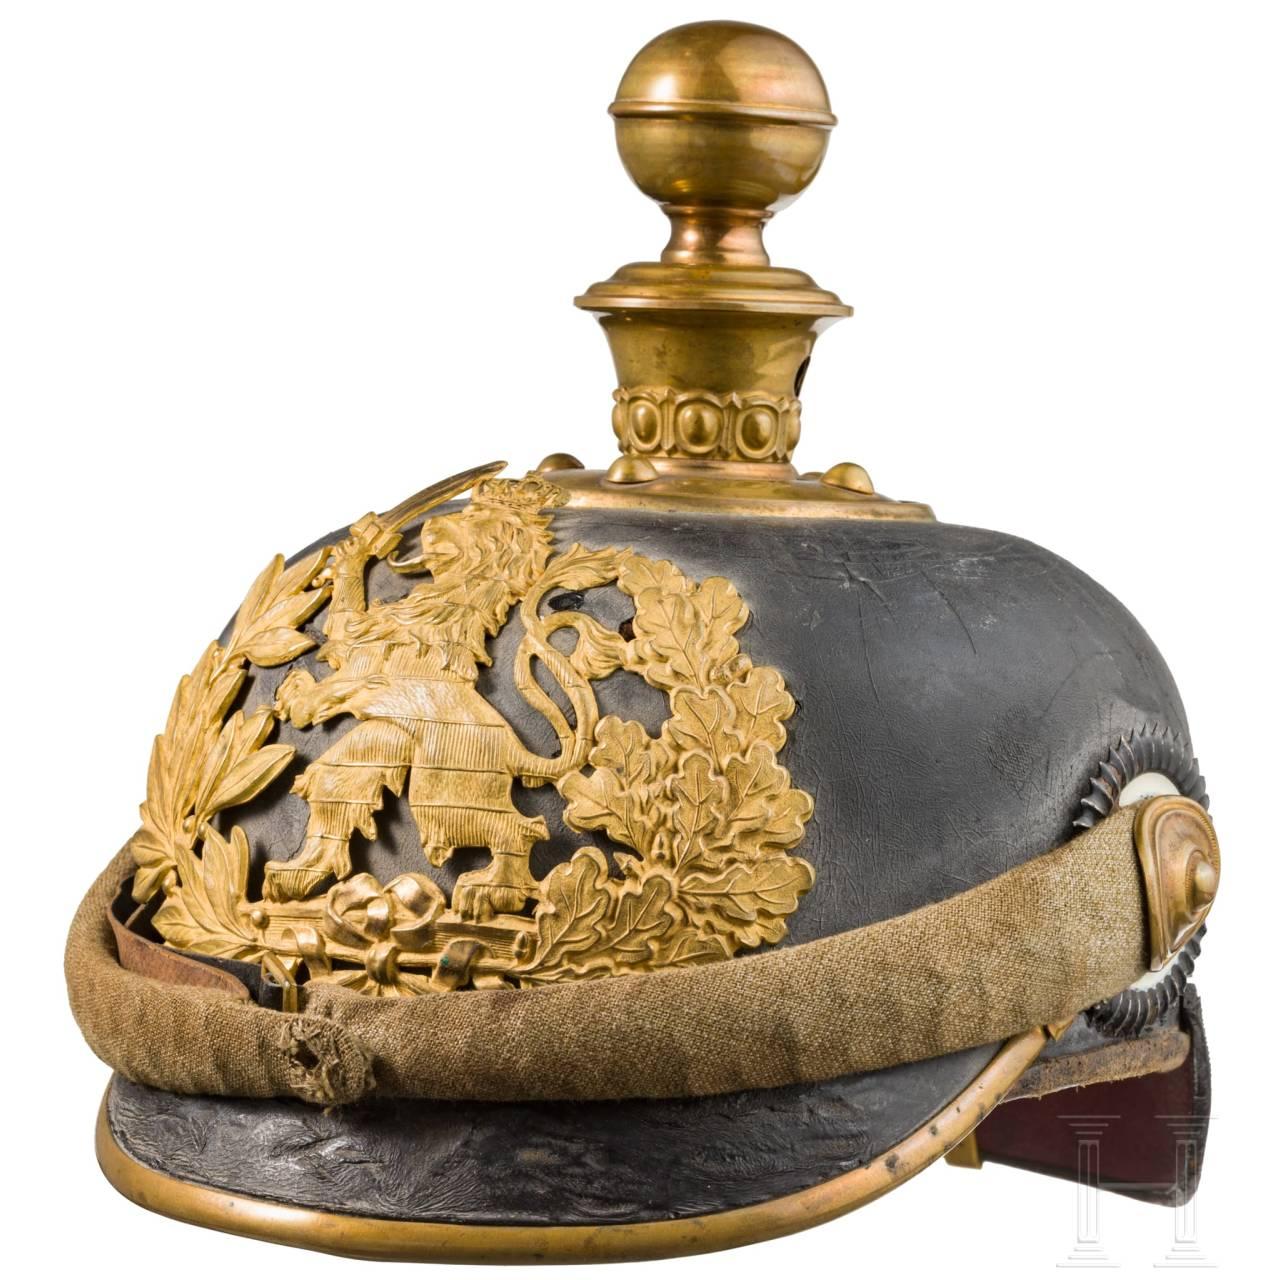 Helm für einen Fähnrich der Feldartillerie